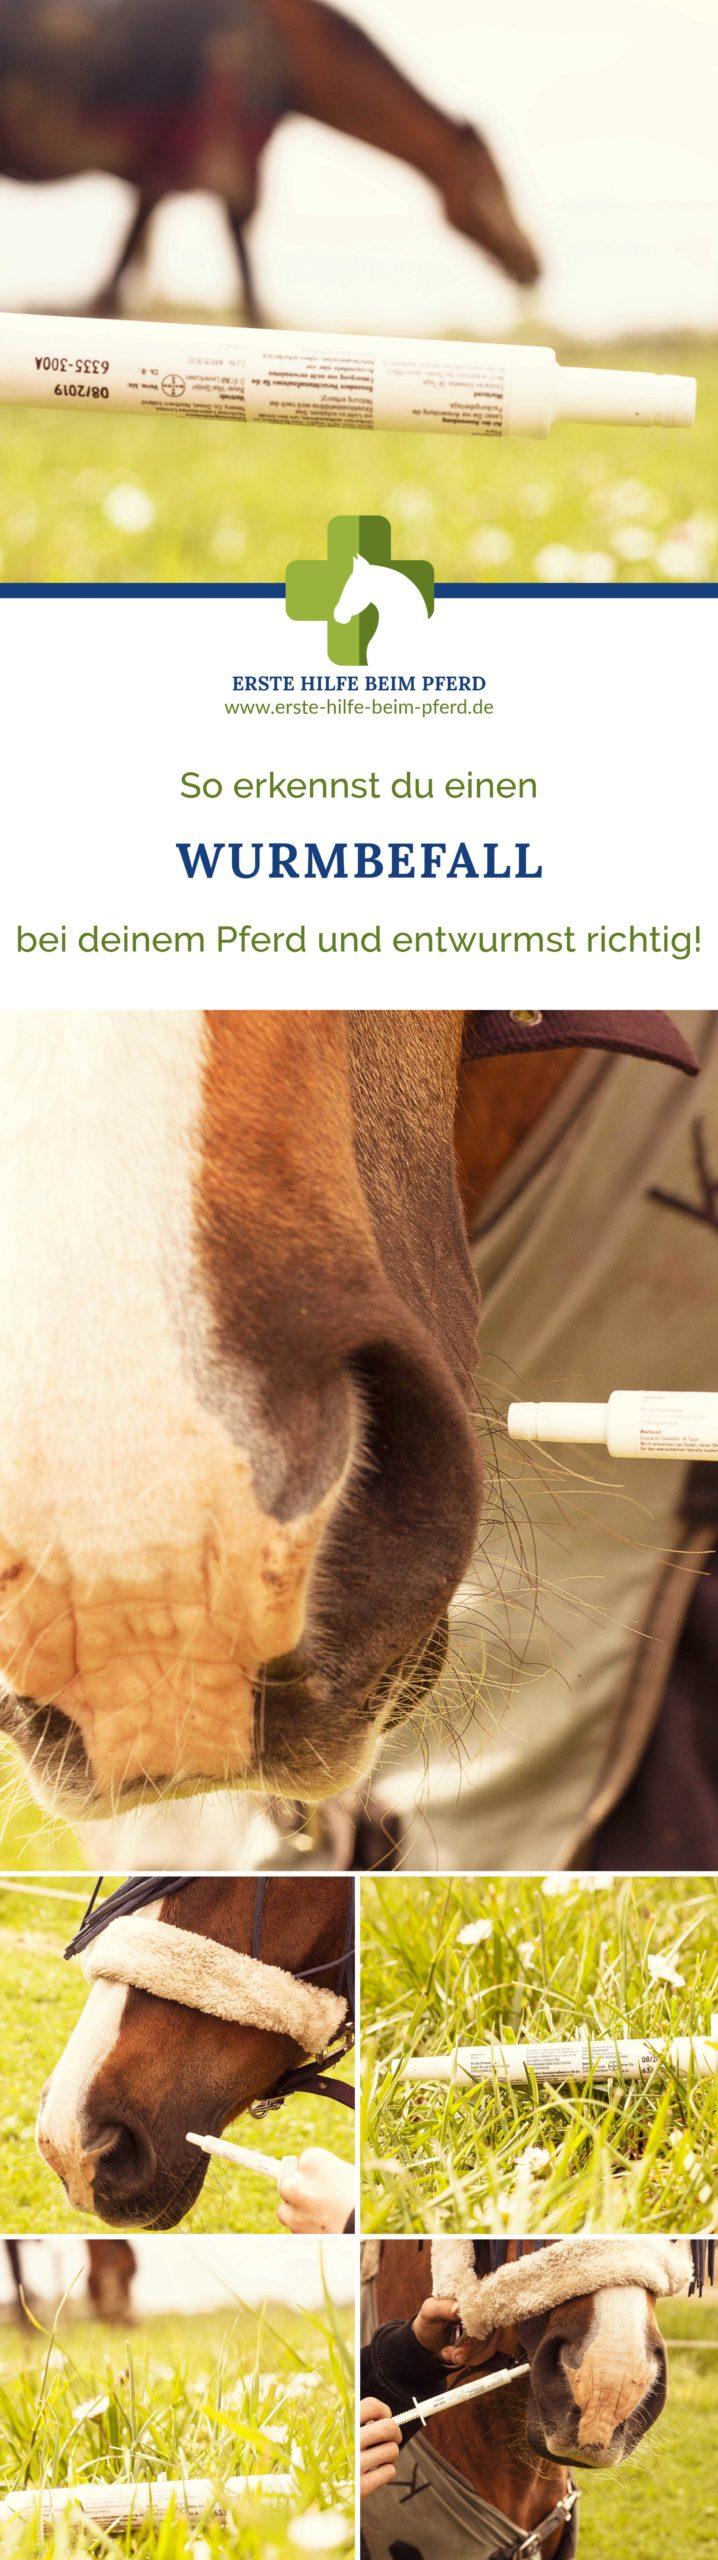 Wurmkur beim Pferd geben